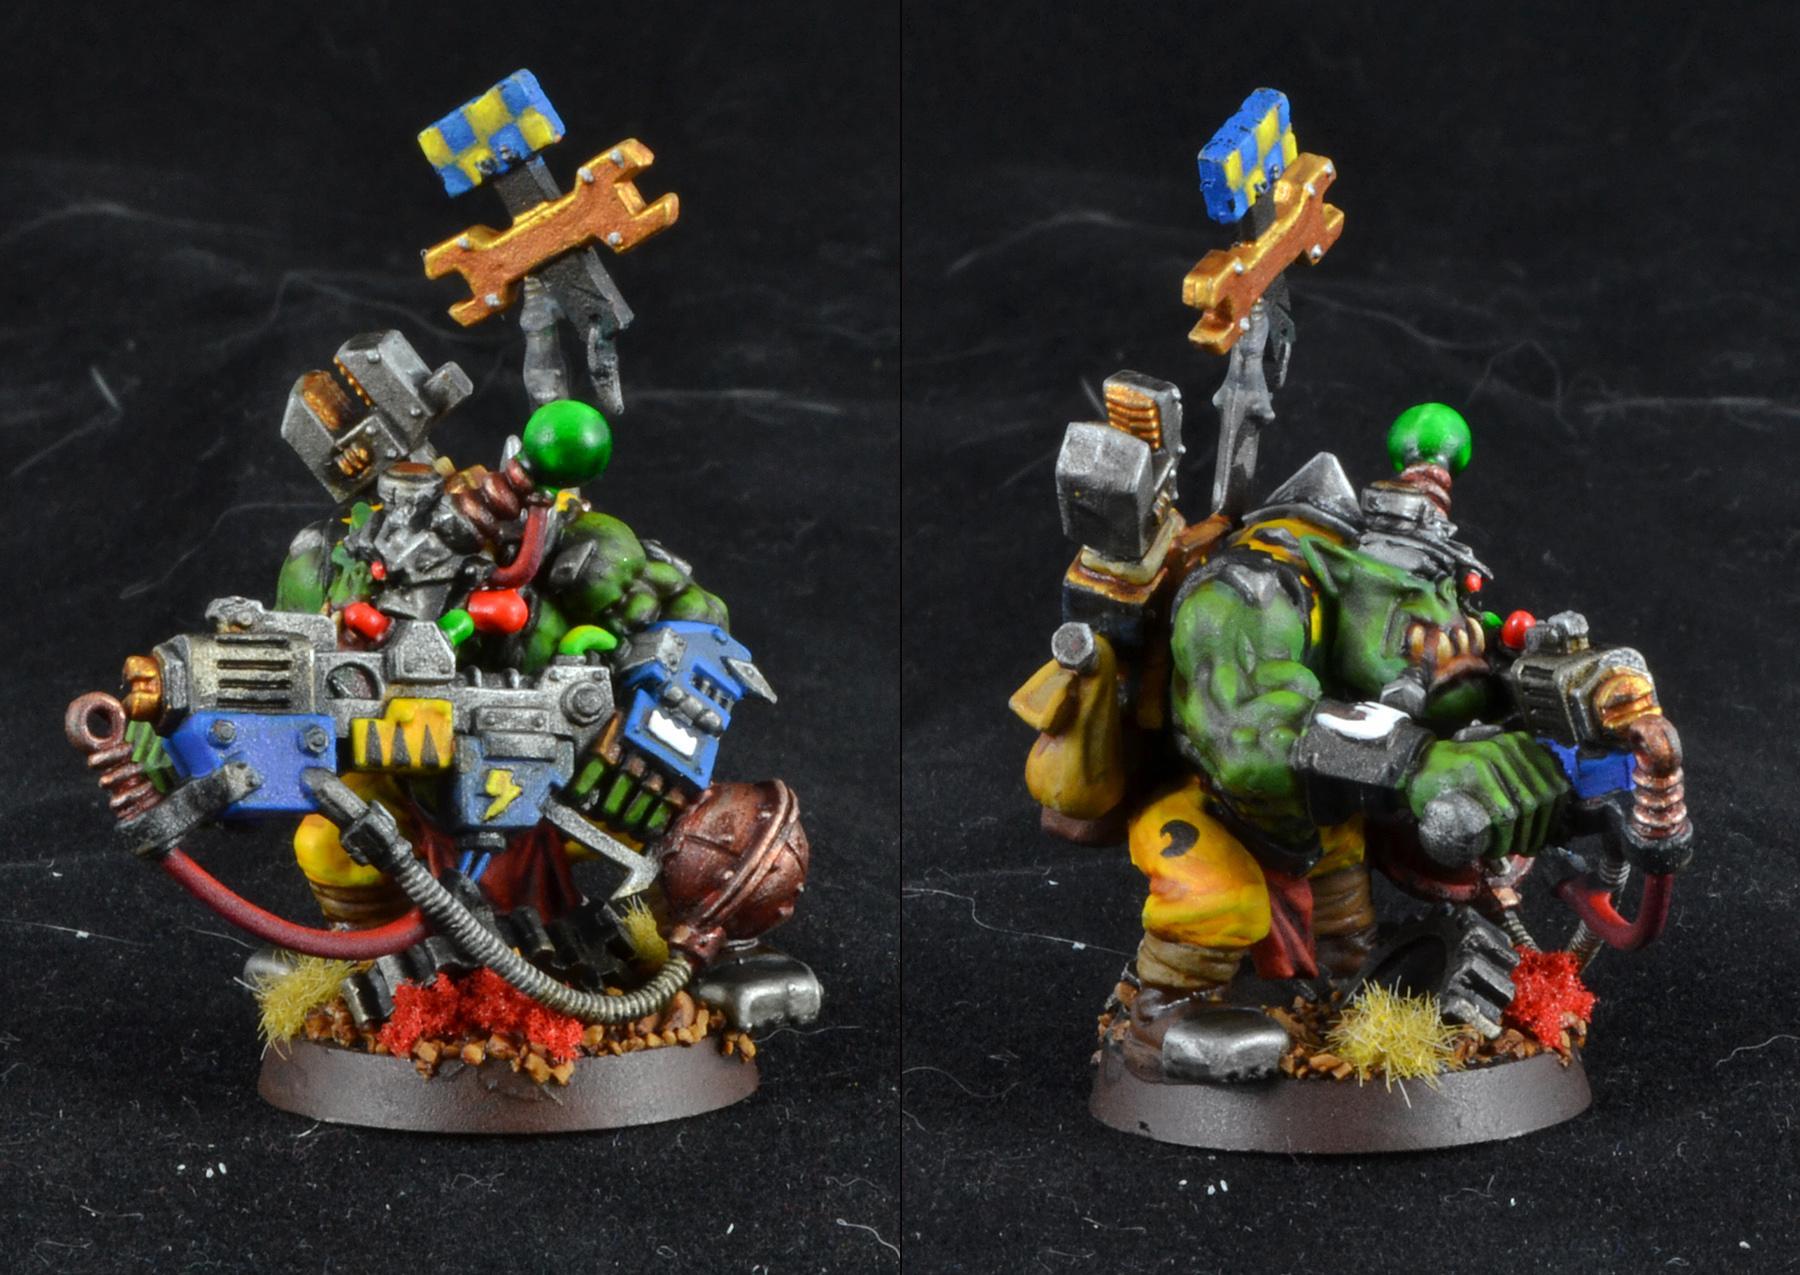 Bad Moons, Mek Boy, Orks, Warhammer 40,000